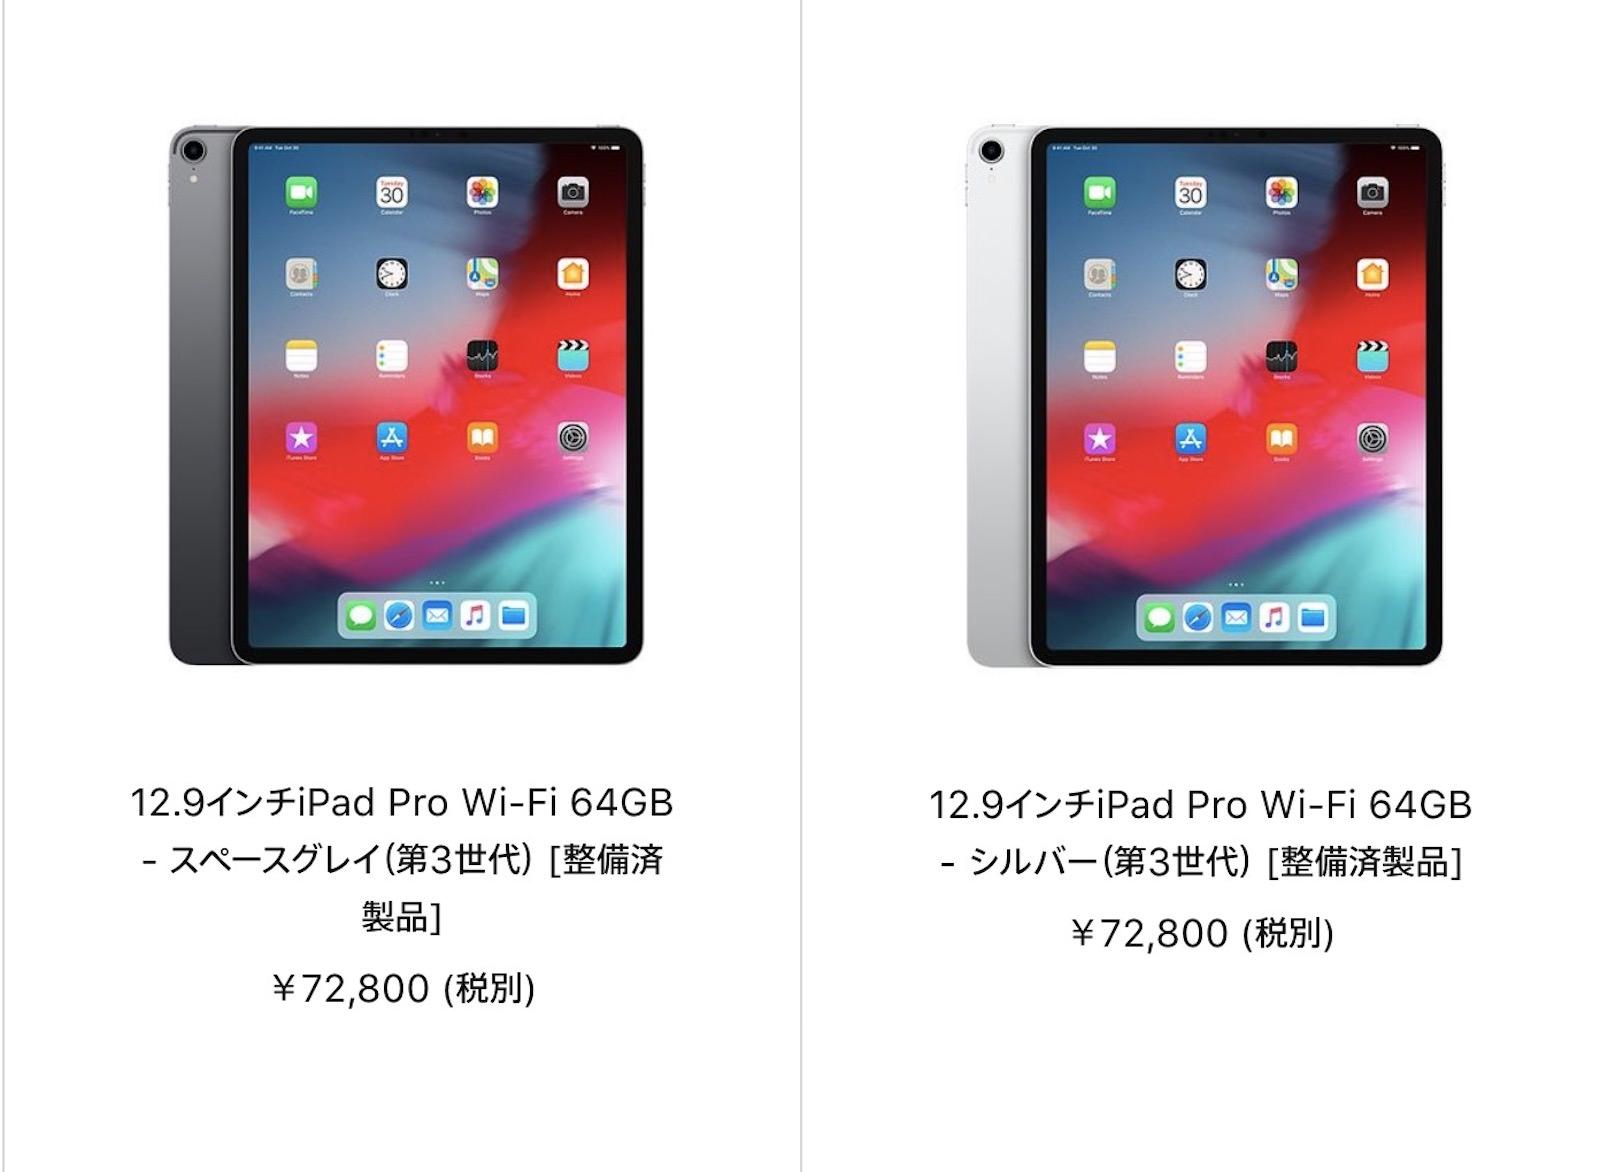 Ipad pro 2018 refurbished sale